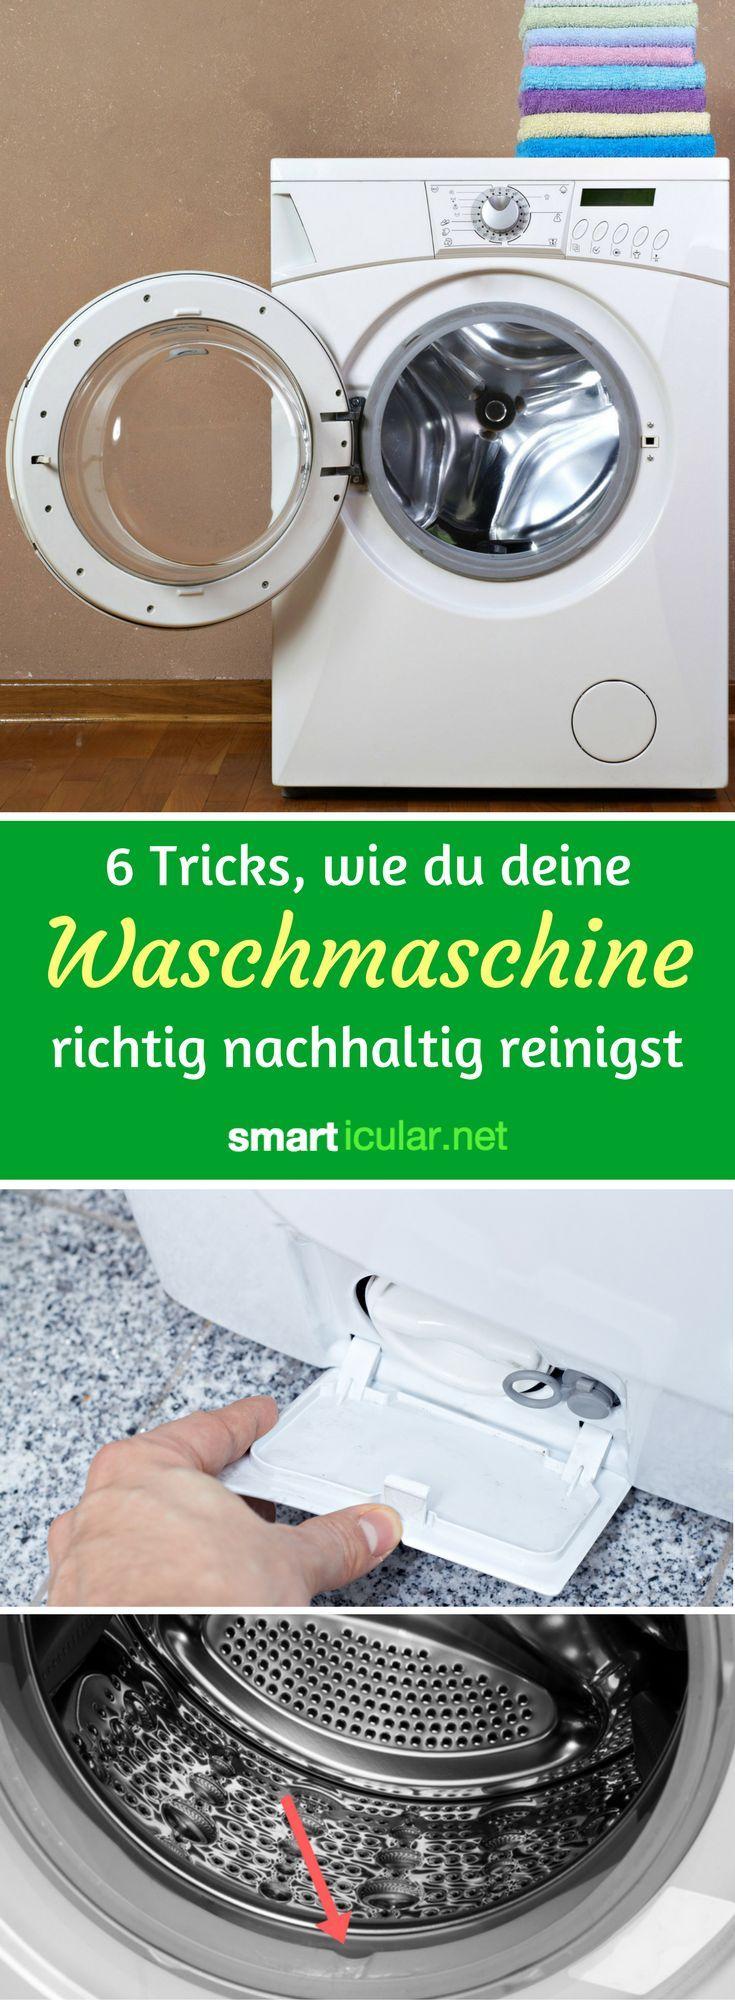 waschmaschine umweltfreundlich reinigen mit hausmitteln putztricks pinterest. Black Bedroom Furniture Sets. Home Design Ideas